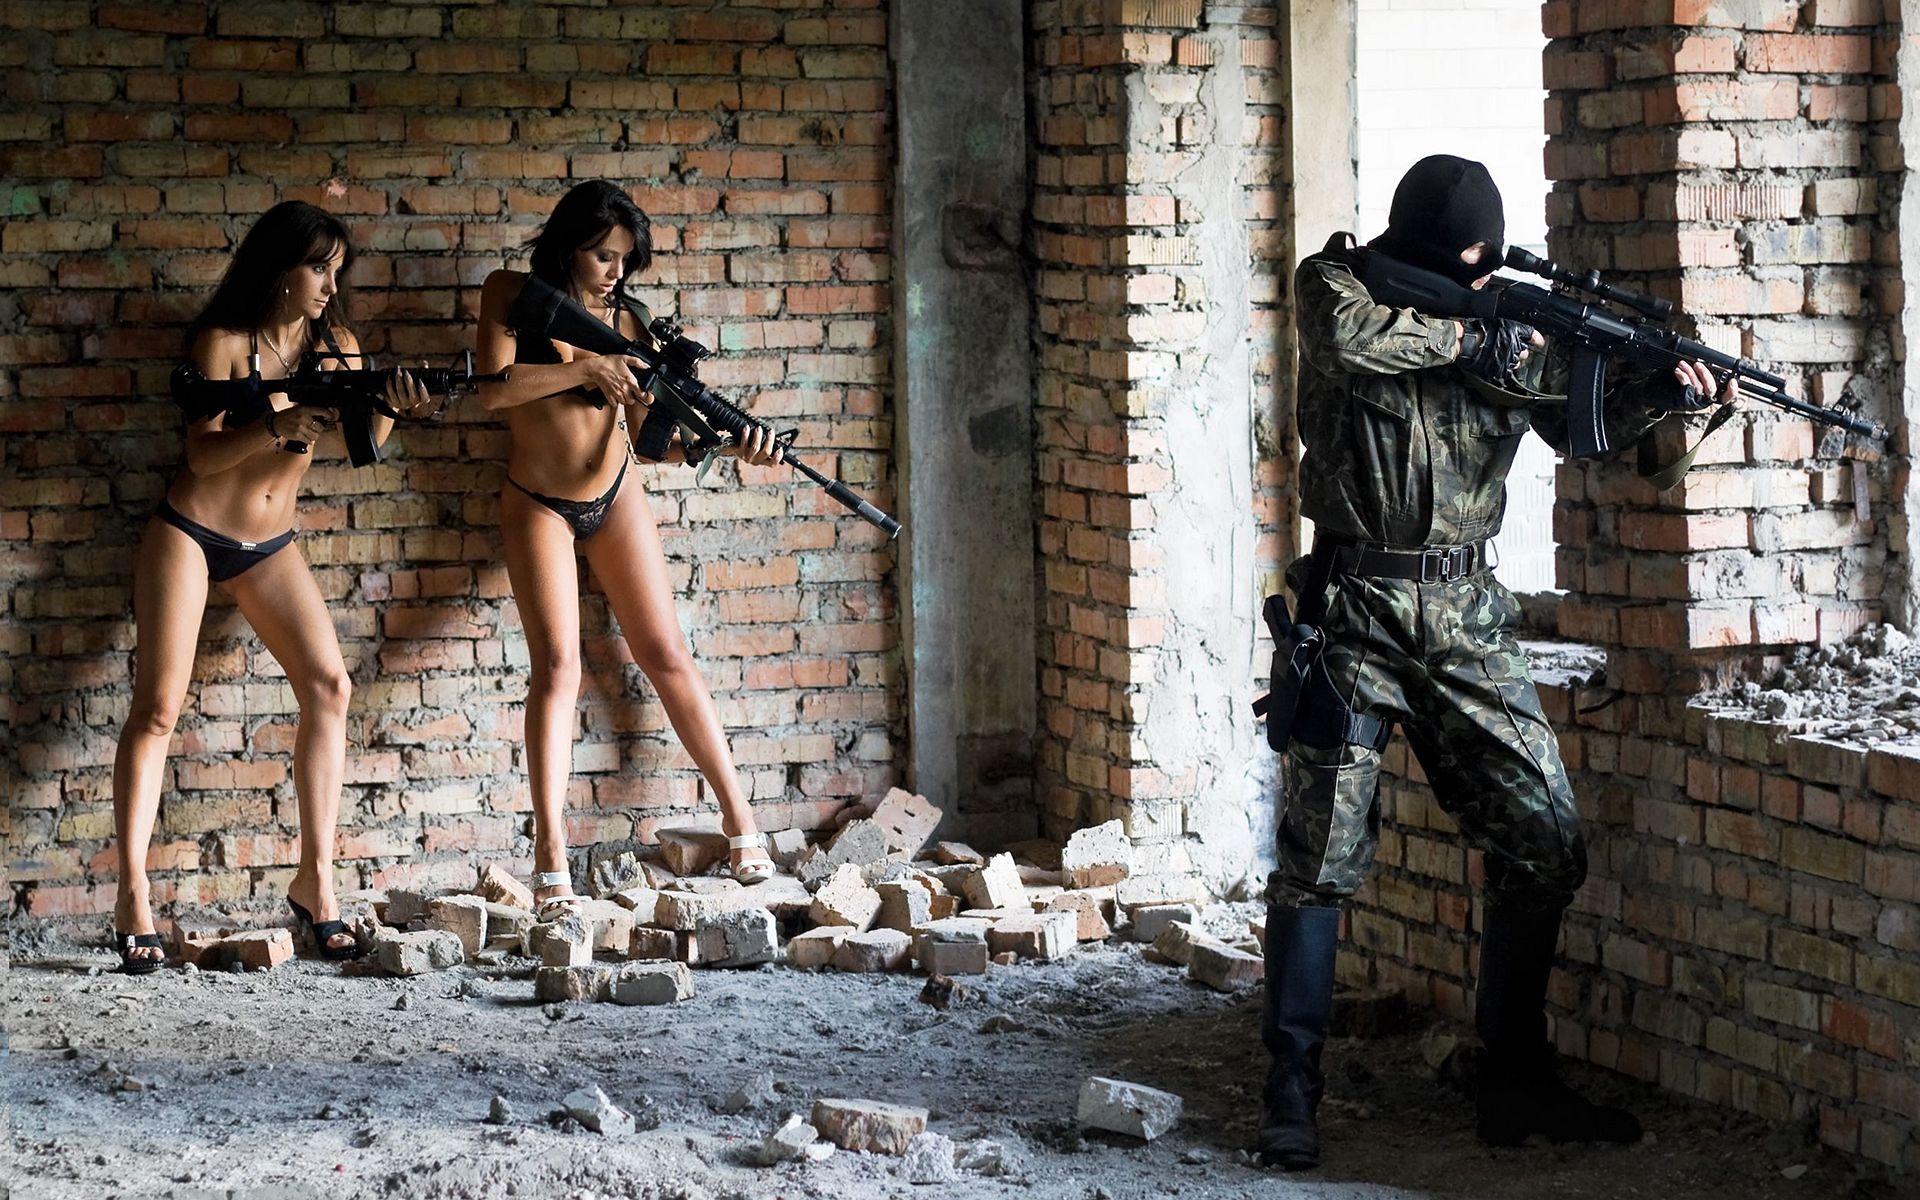 Секс фото женьщин солдат 14 фотография